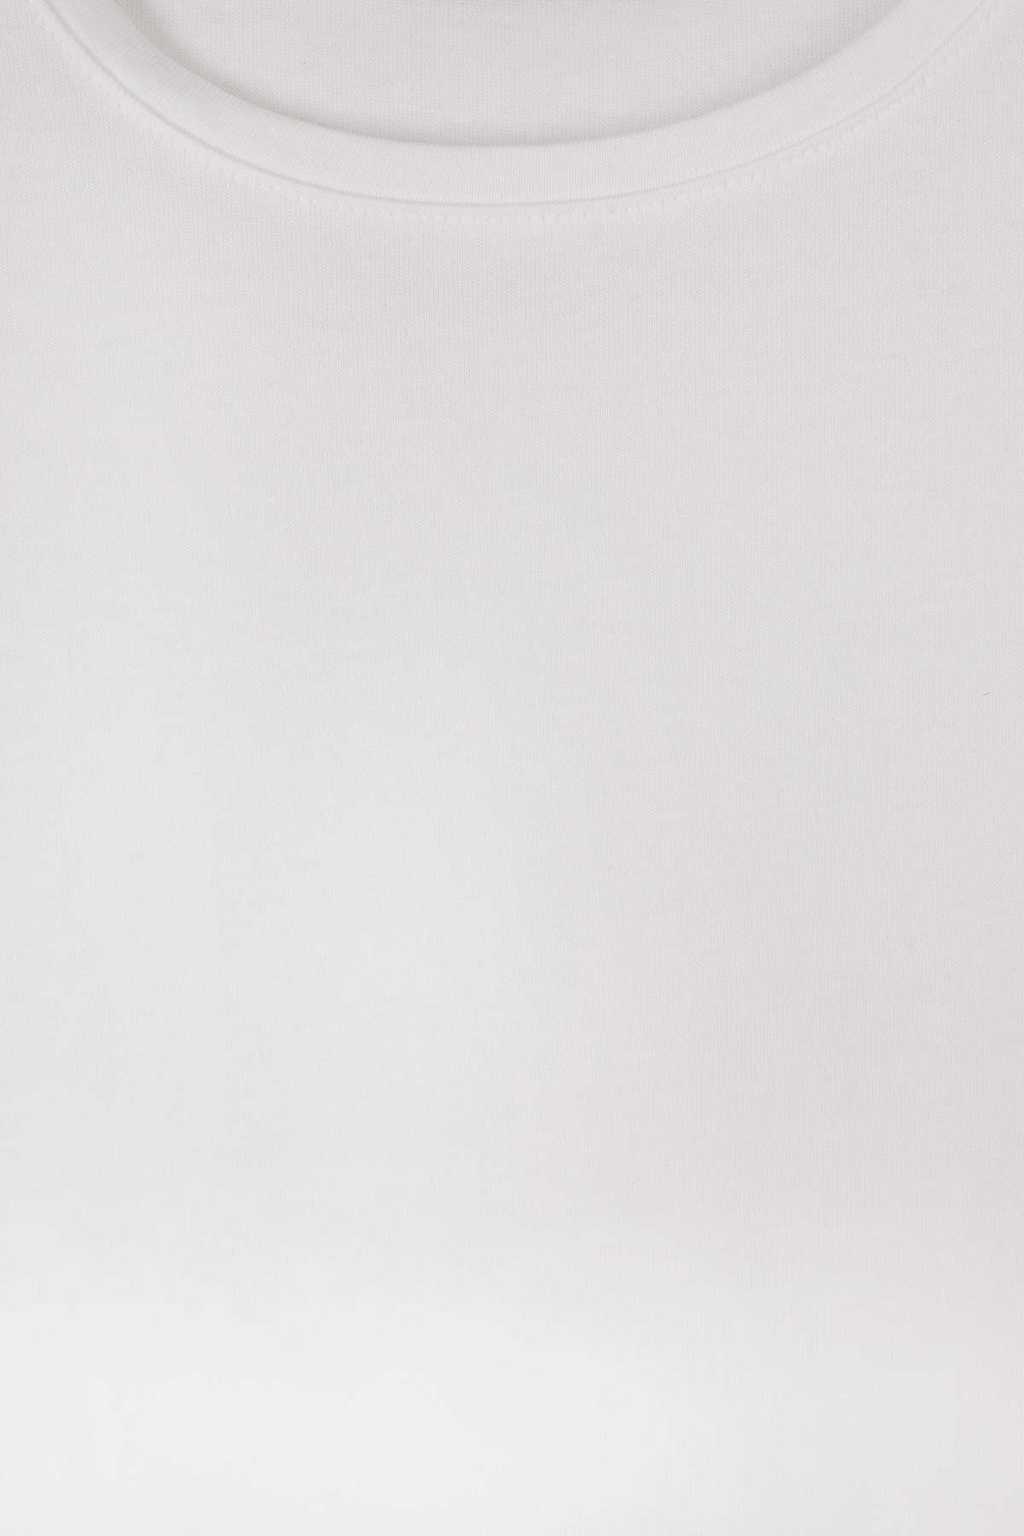 TShirt K011M Cream 5